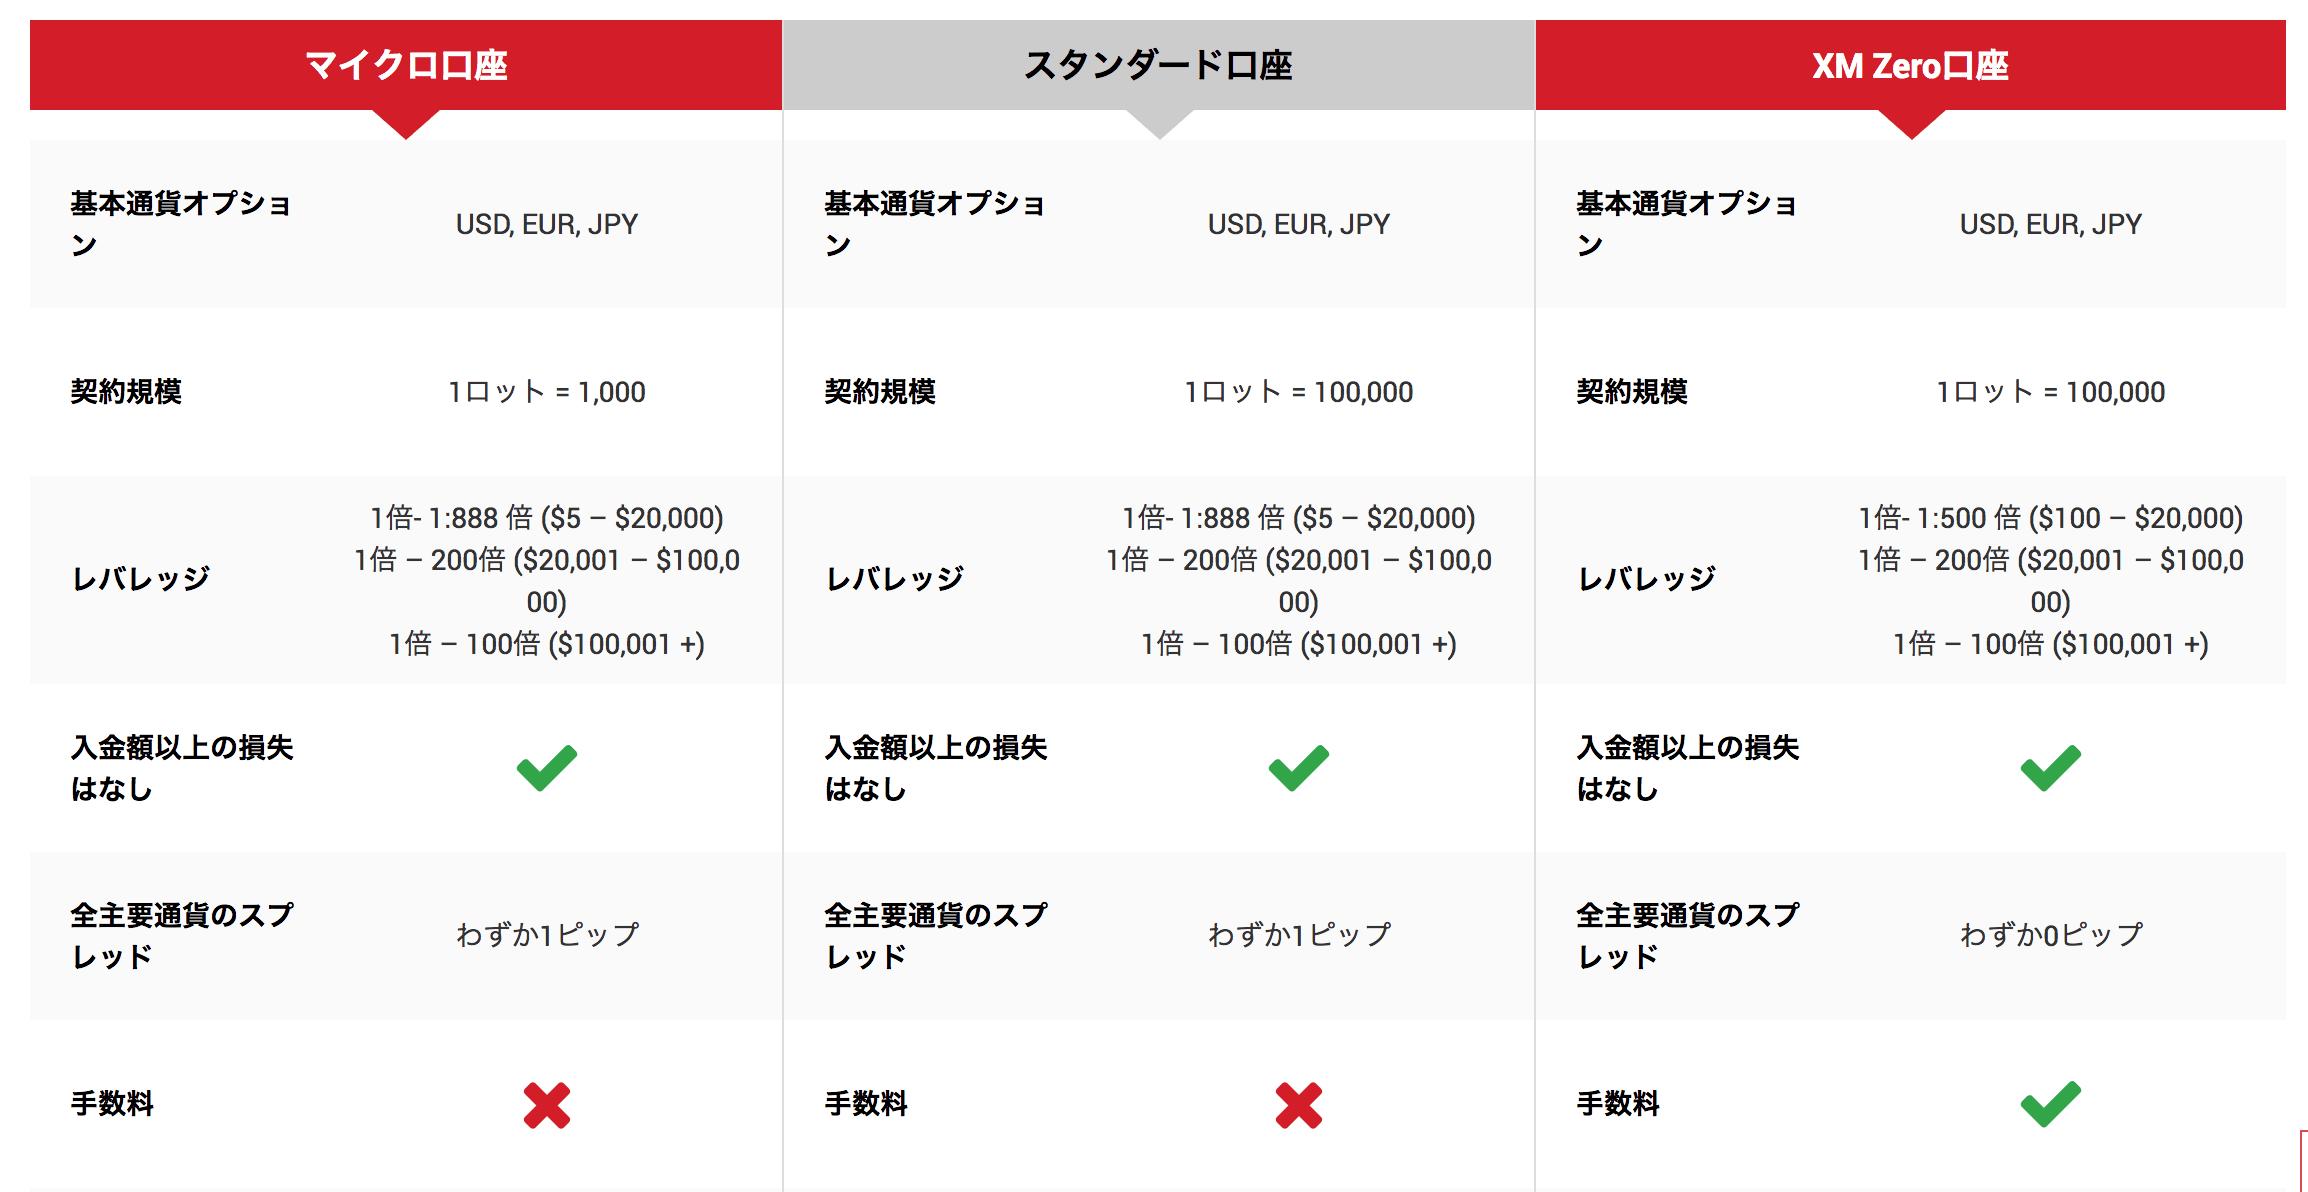 【必読】XMの口座タイプは3種類!トレードスタイルによって使い分けるべし!